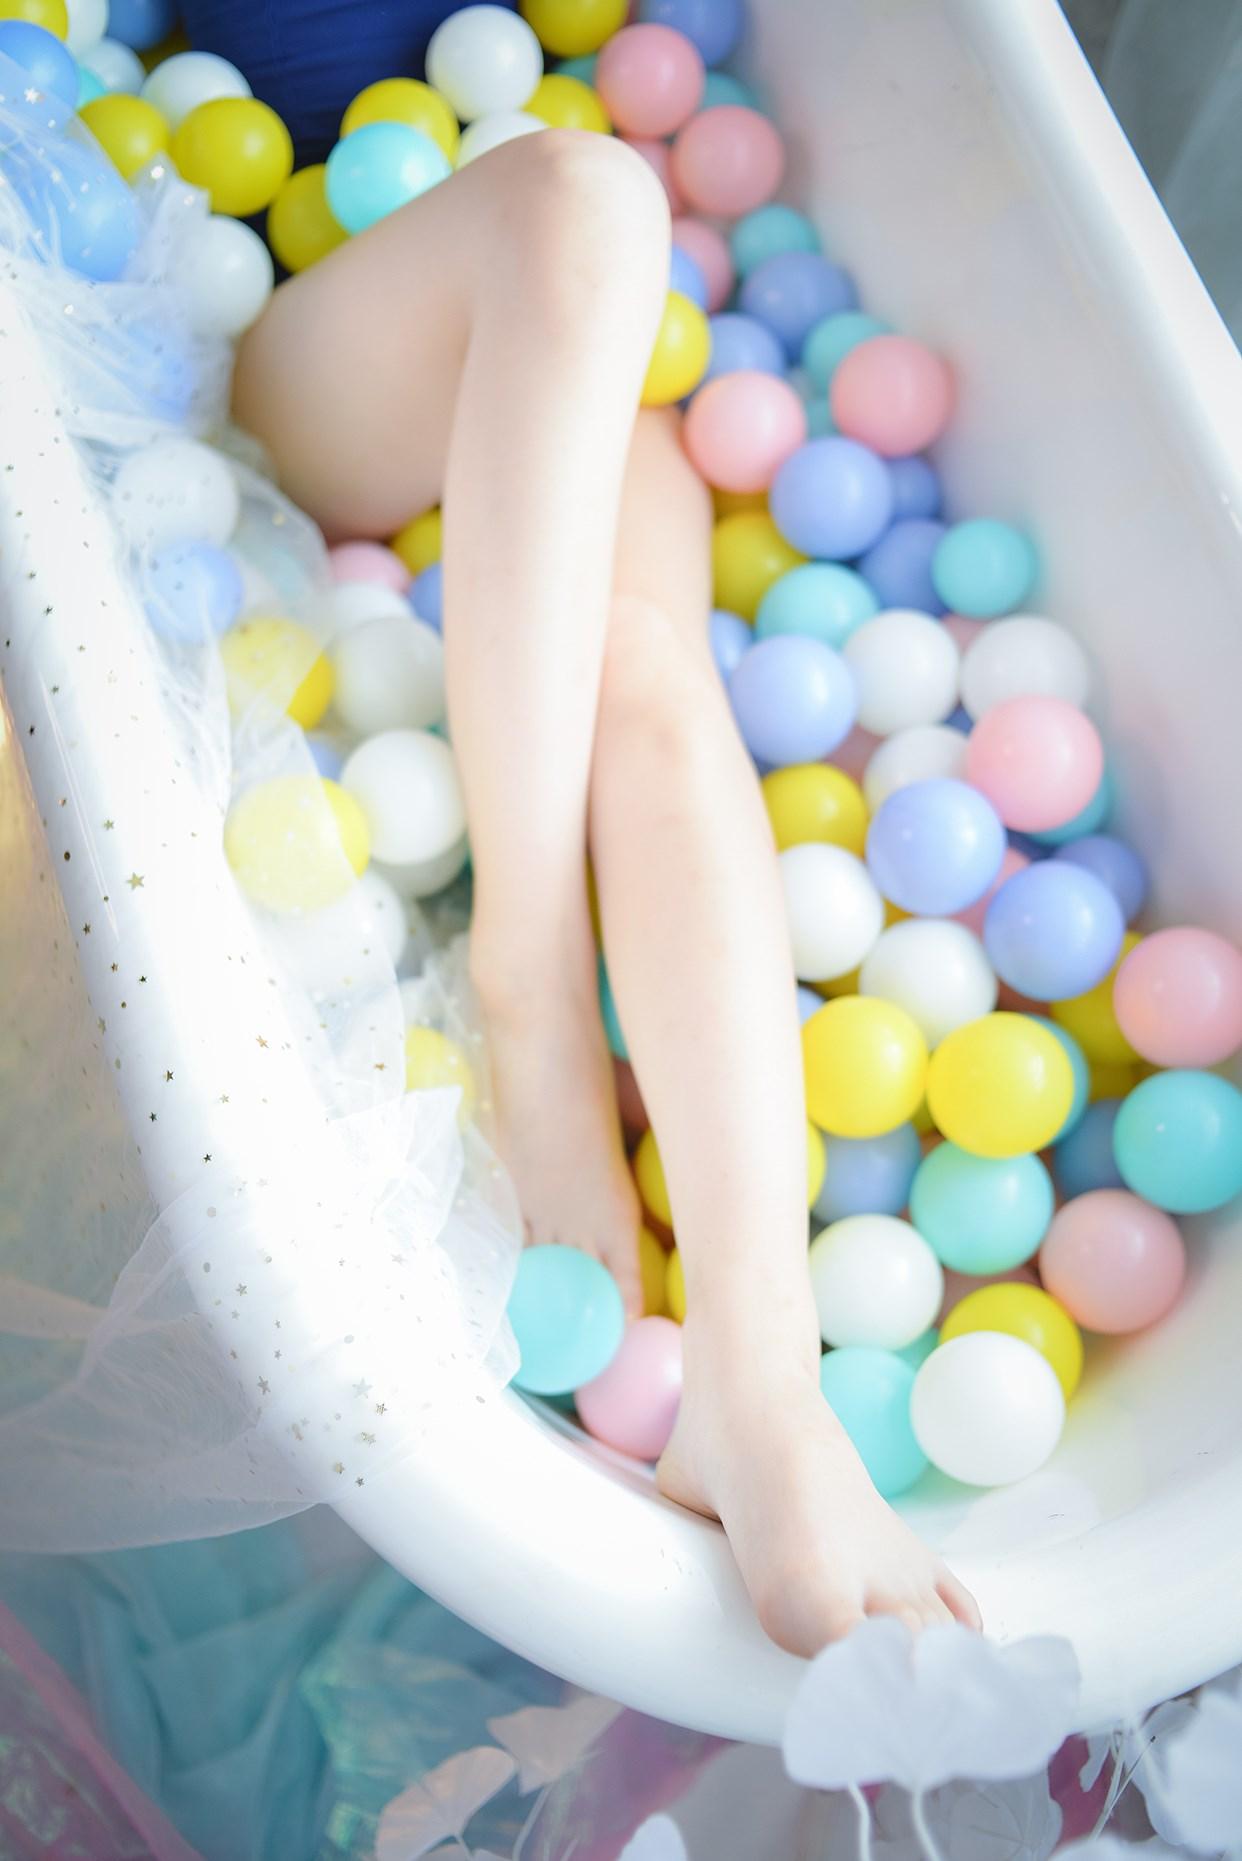 【兔玩映画】浴缸里的萝莉喵 兔玩映画 第33张